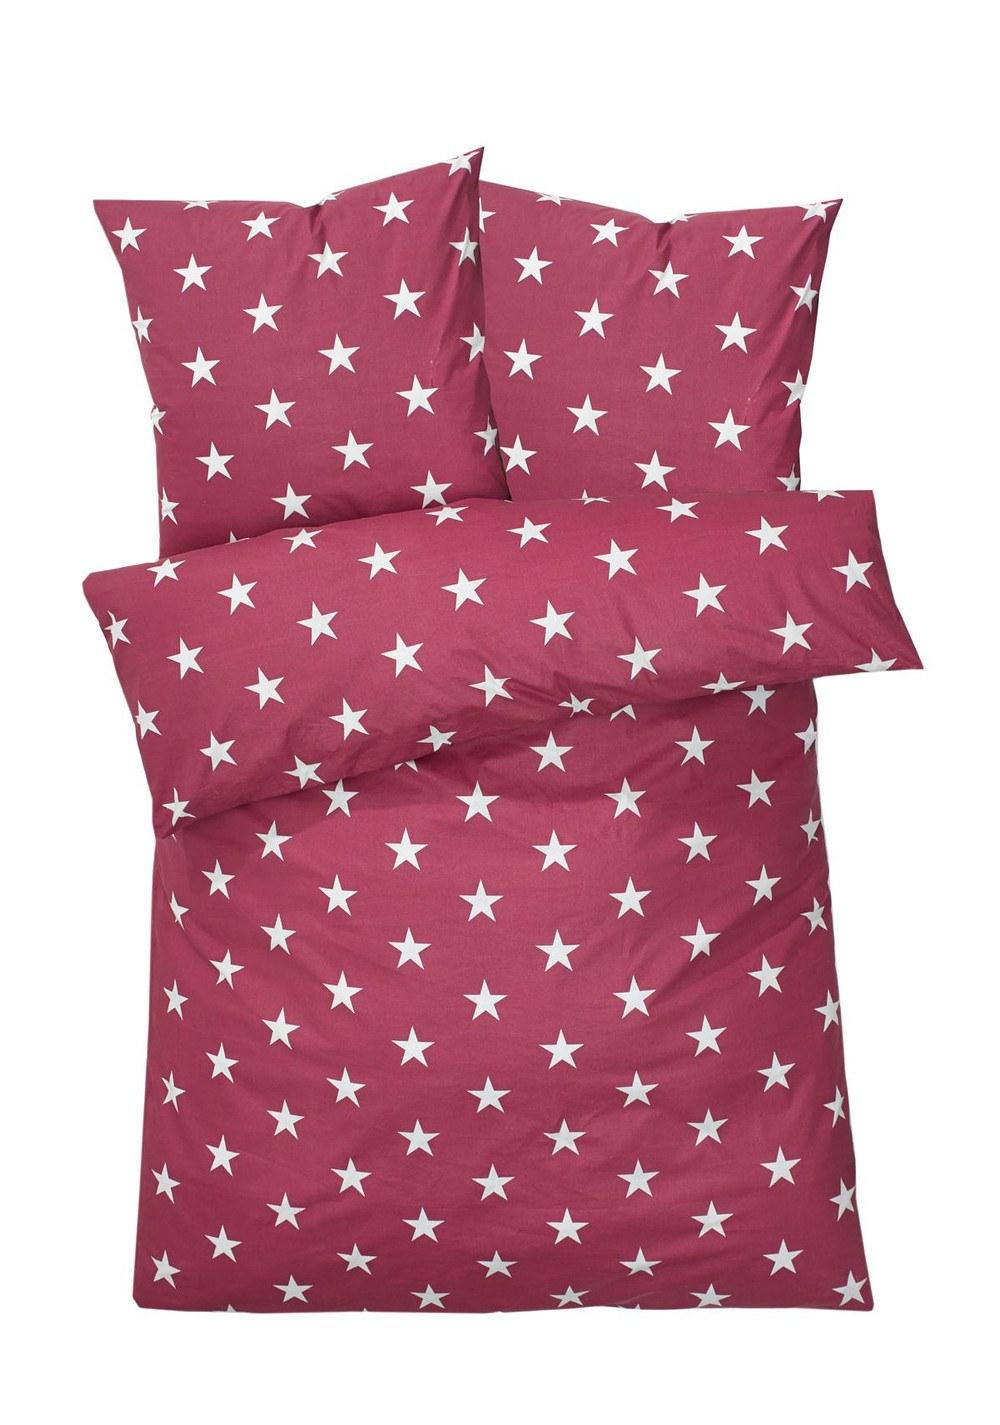 Bettwäsche Sterne Beere 155 X 220 Cm Günstig Online Kaufen Mein